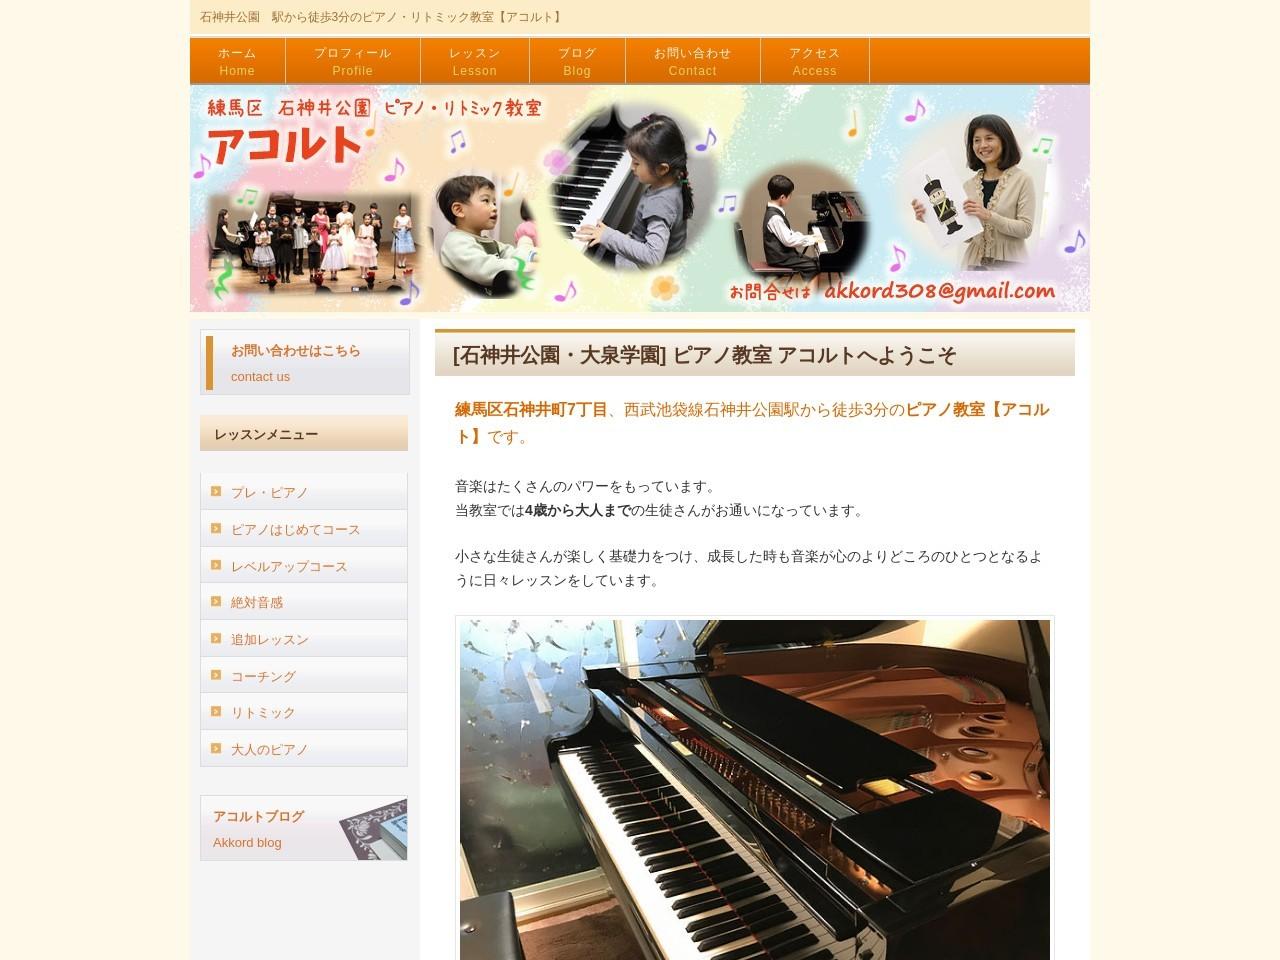 ピアノ・リトミック教室アコルトのサムネイル